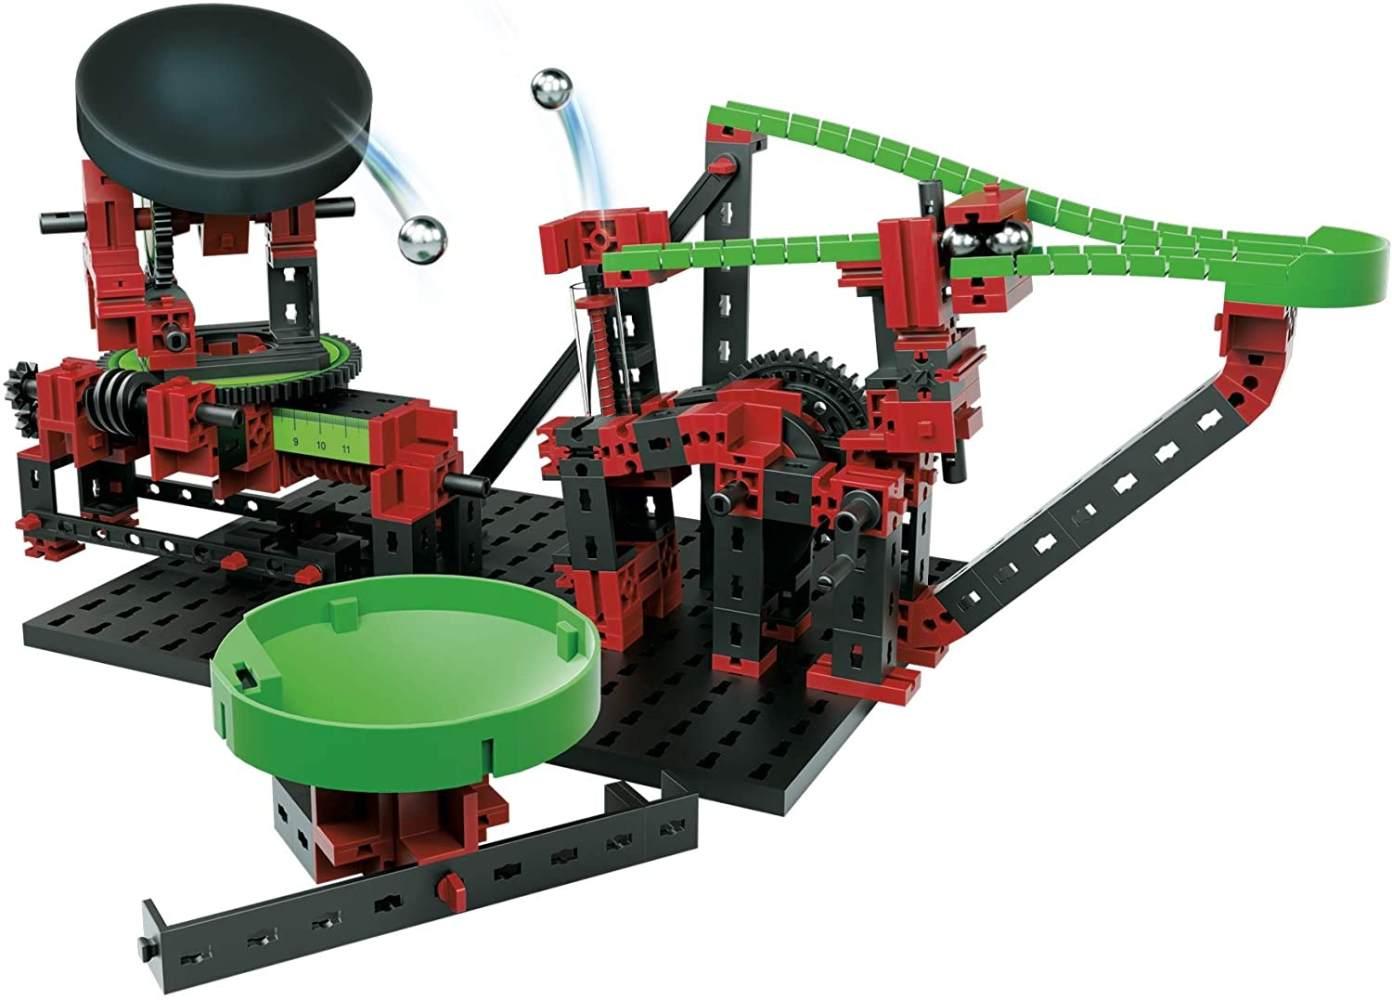 fischertechnik Dynamic XM Kugelbahn mit Katapult und verstellbarem Trampolin - 3 actionreiche Modelle - für Kinder ab 8 Jahren Bild 1